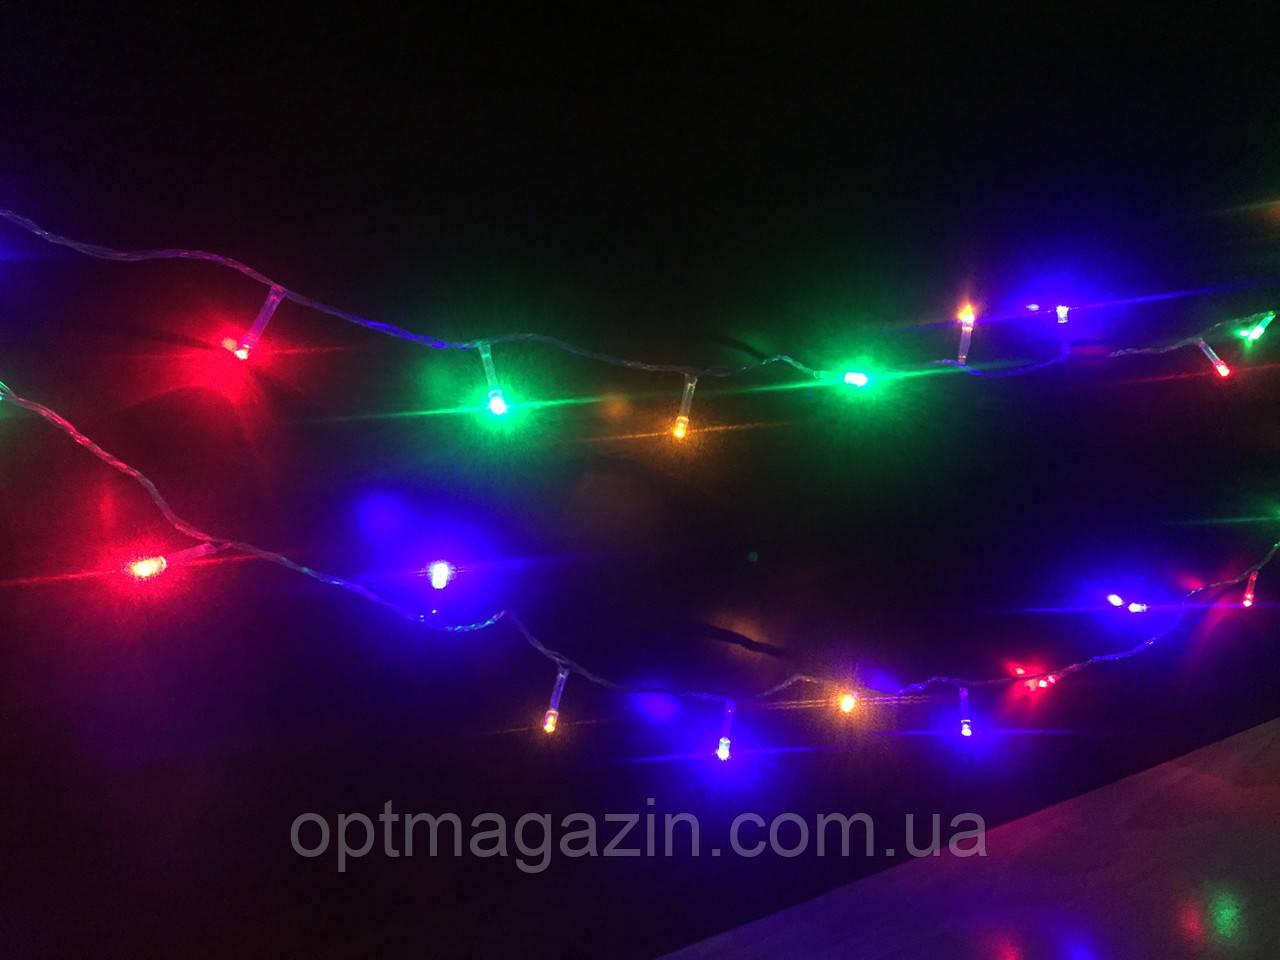 Гирлянда разноцветная 40метров 700 ламп